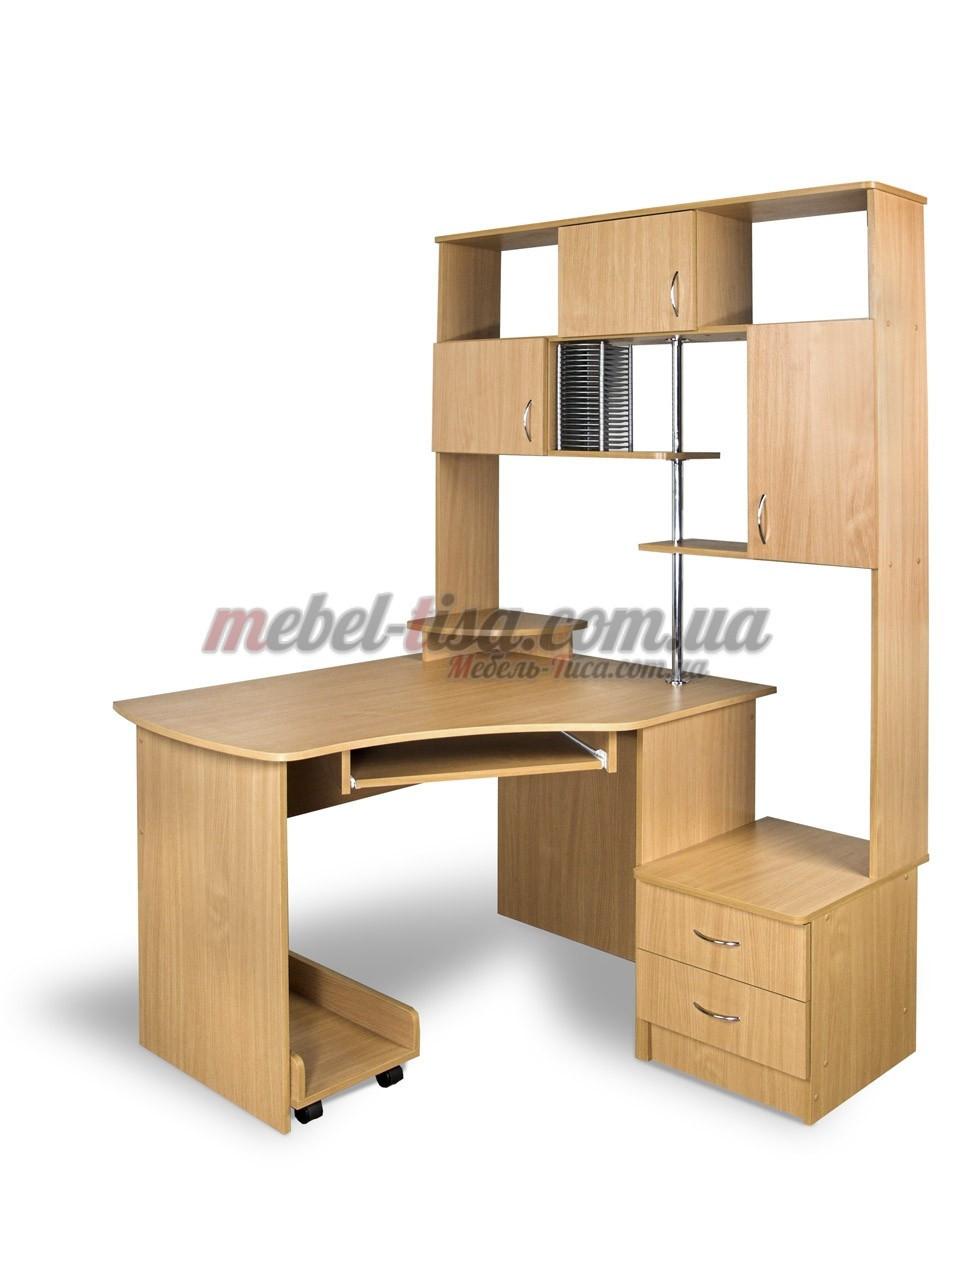 Компьютерный стол Эксклюзив-5